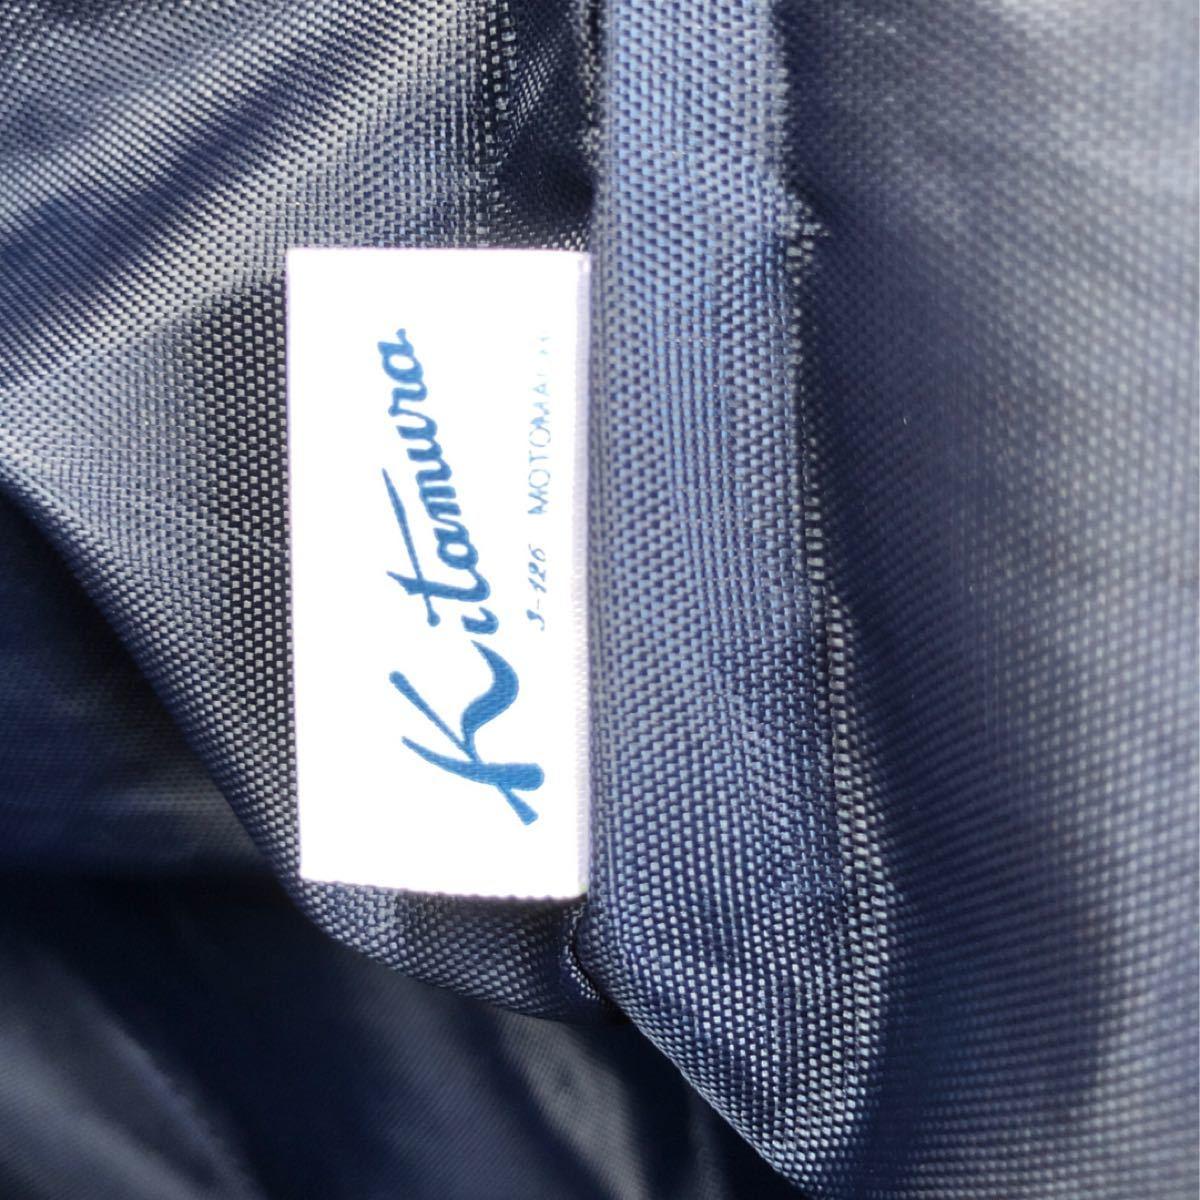 【値下げ】キタムラ ランチバック ミニトートバッグ